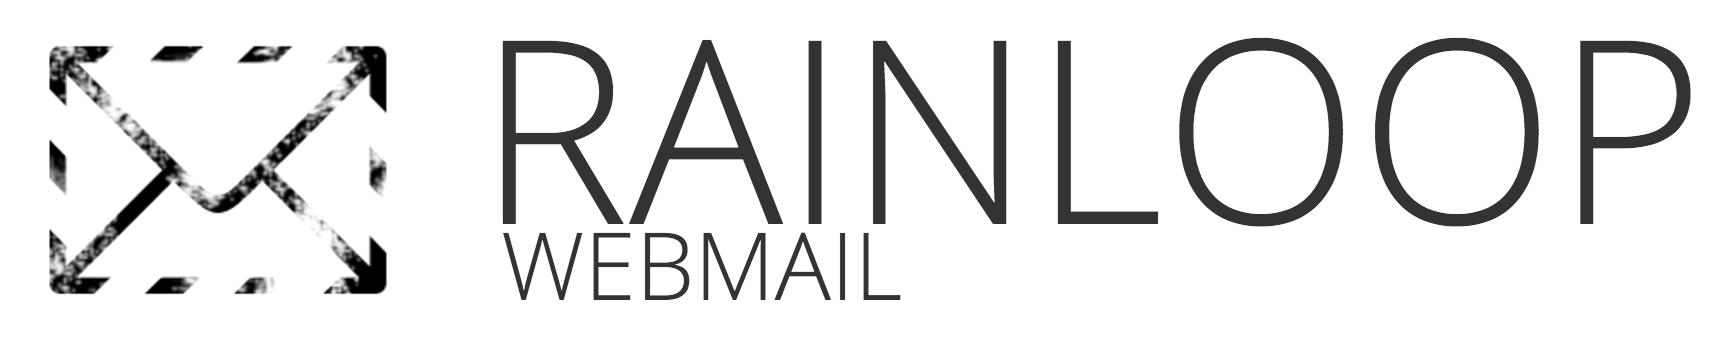 Rainloop Webmail Zenid